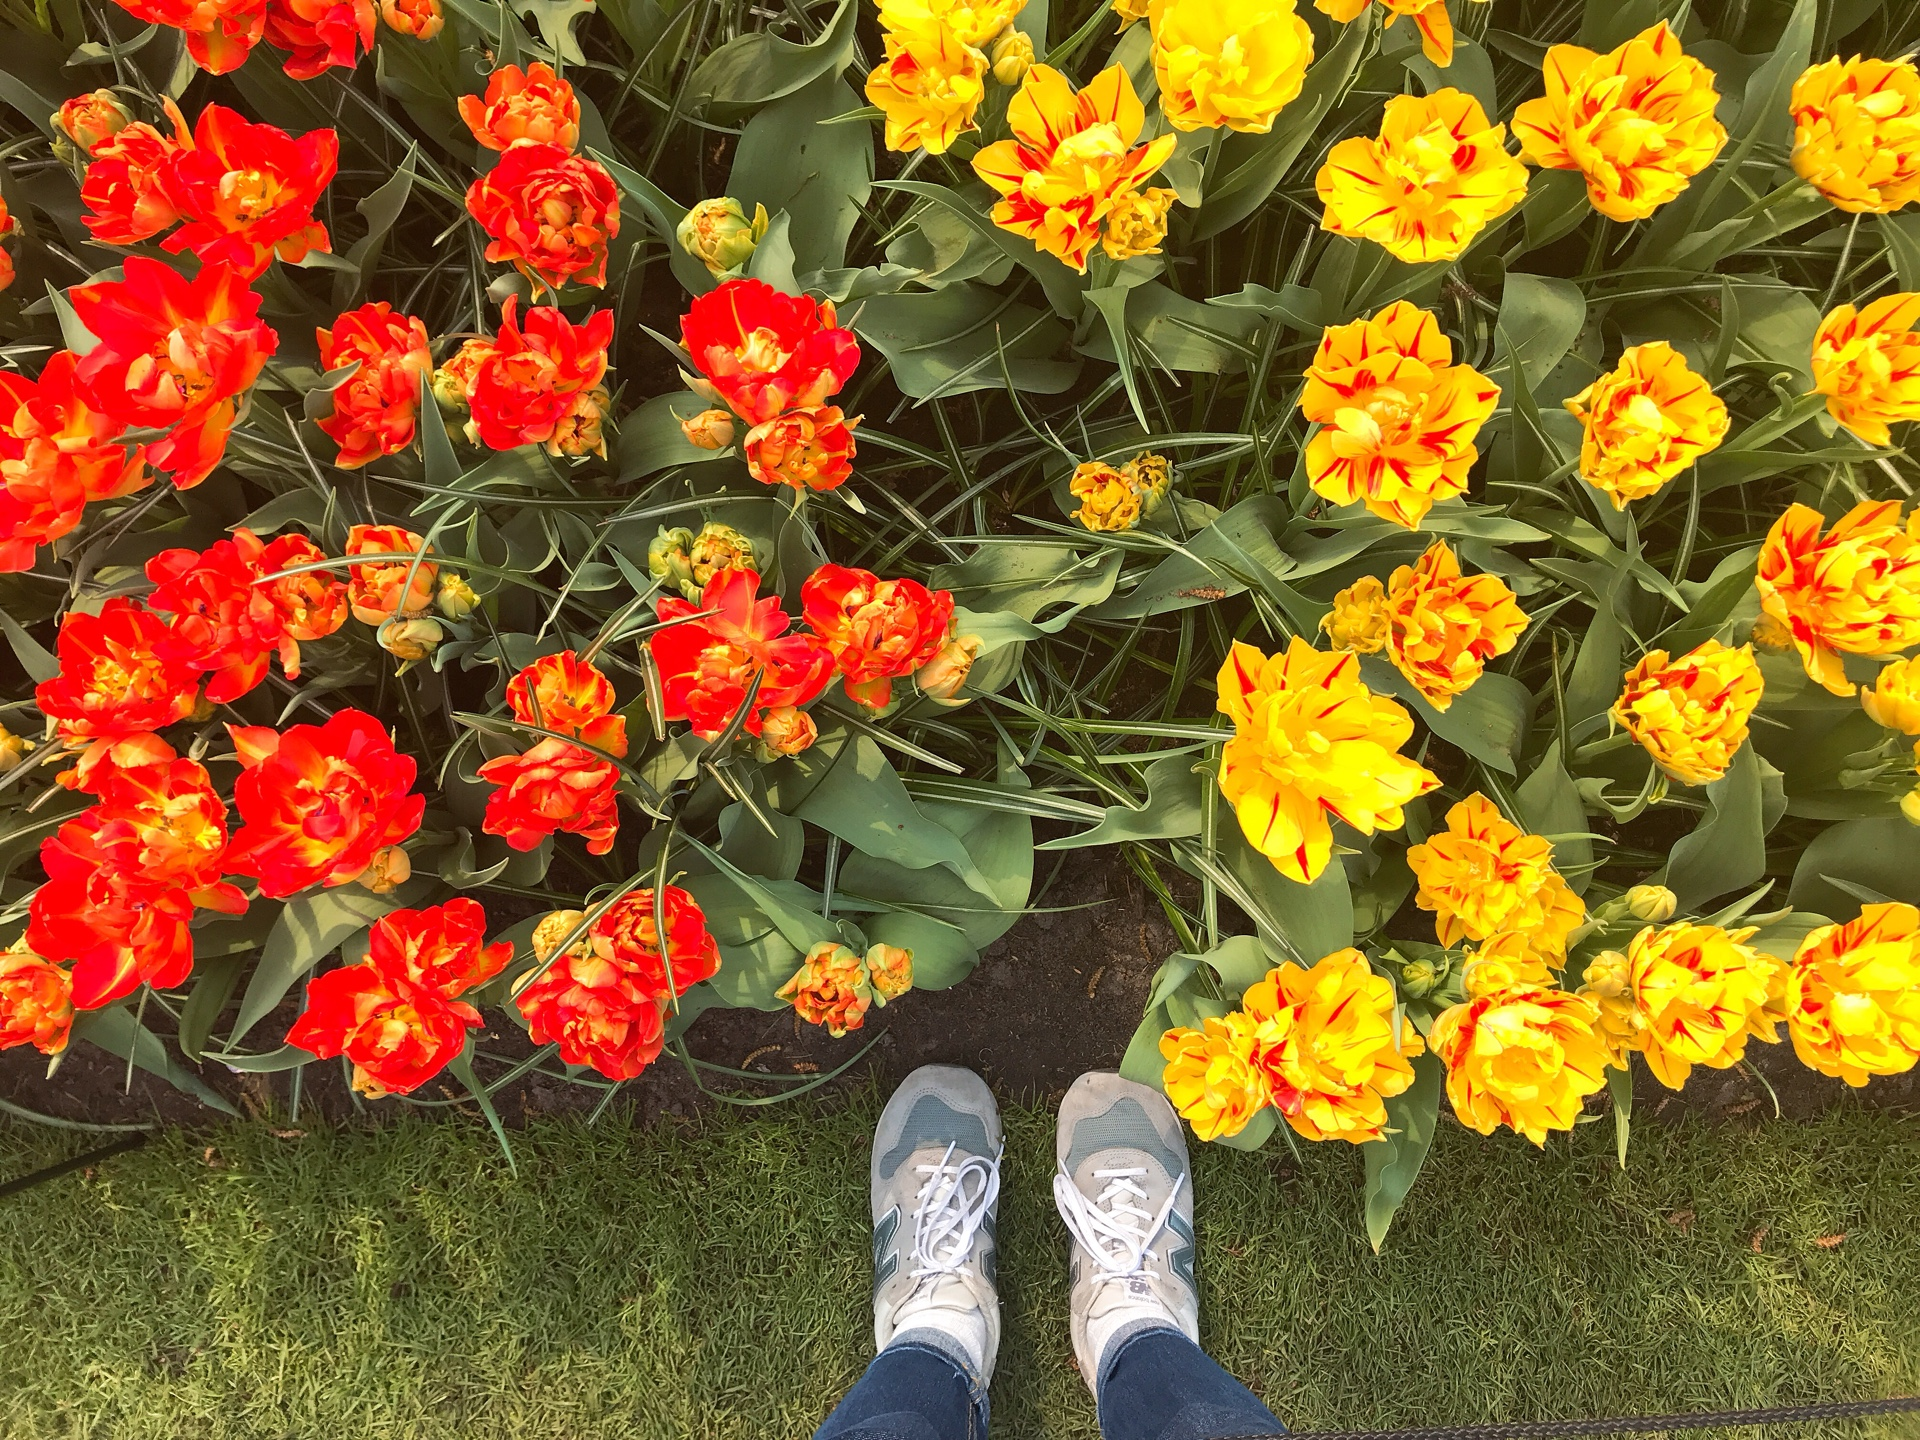 オランダ アムステルダム キューケンホフ公園のチューリップ